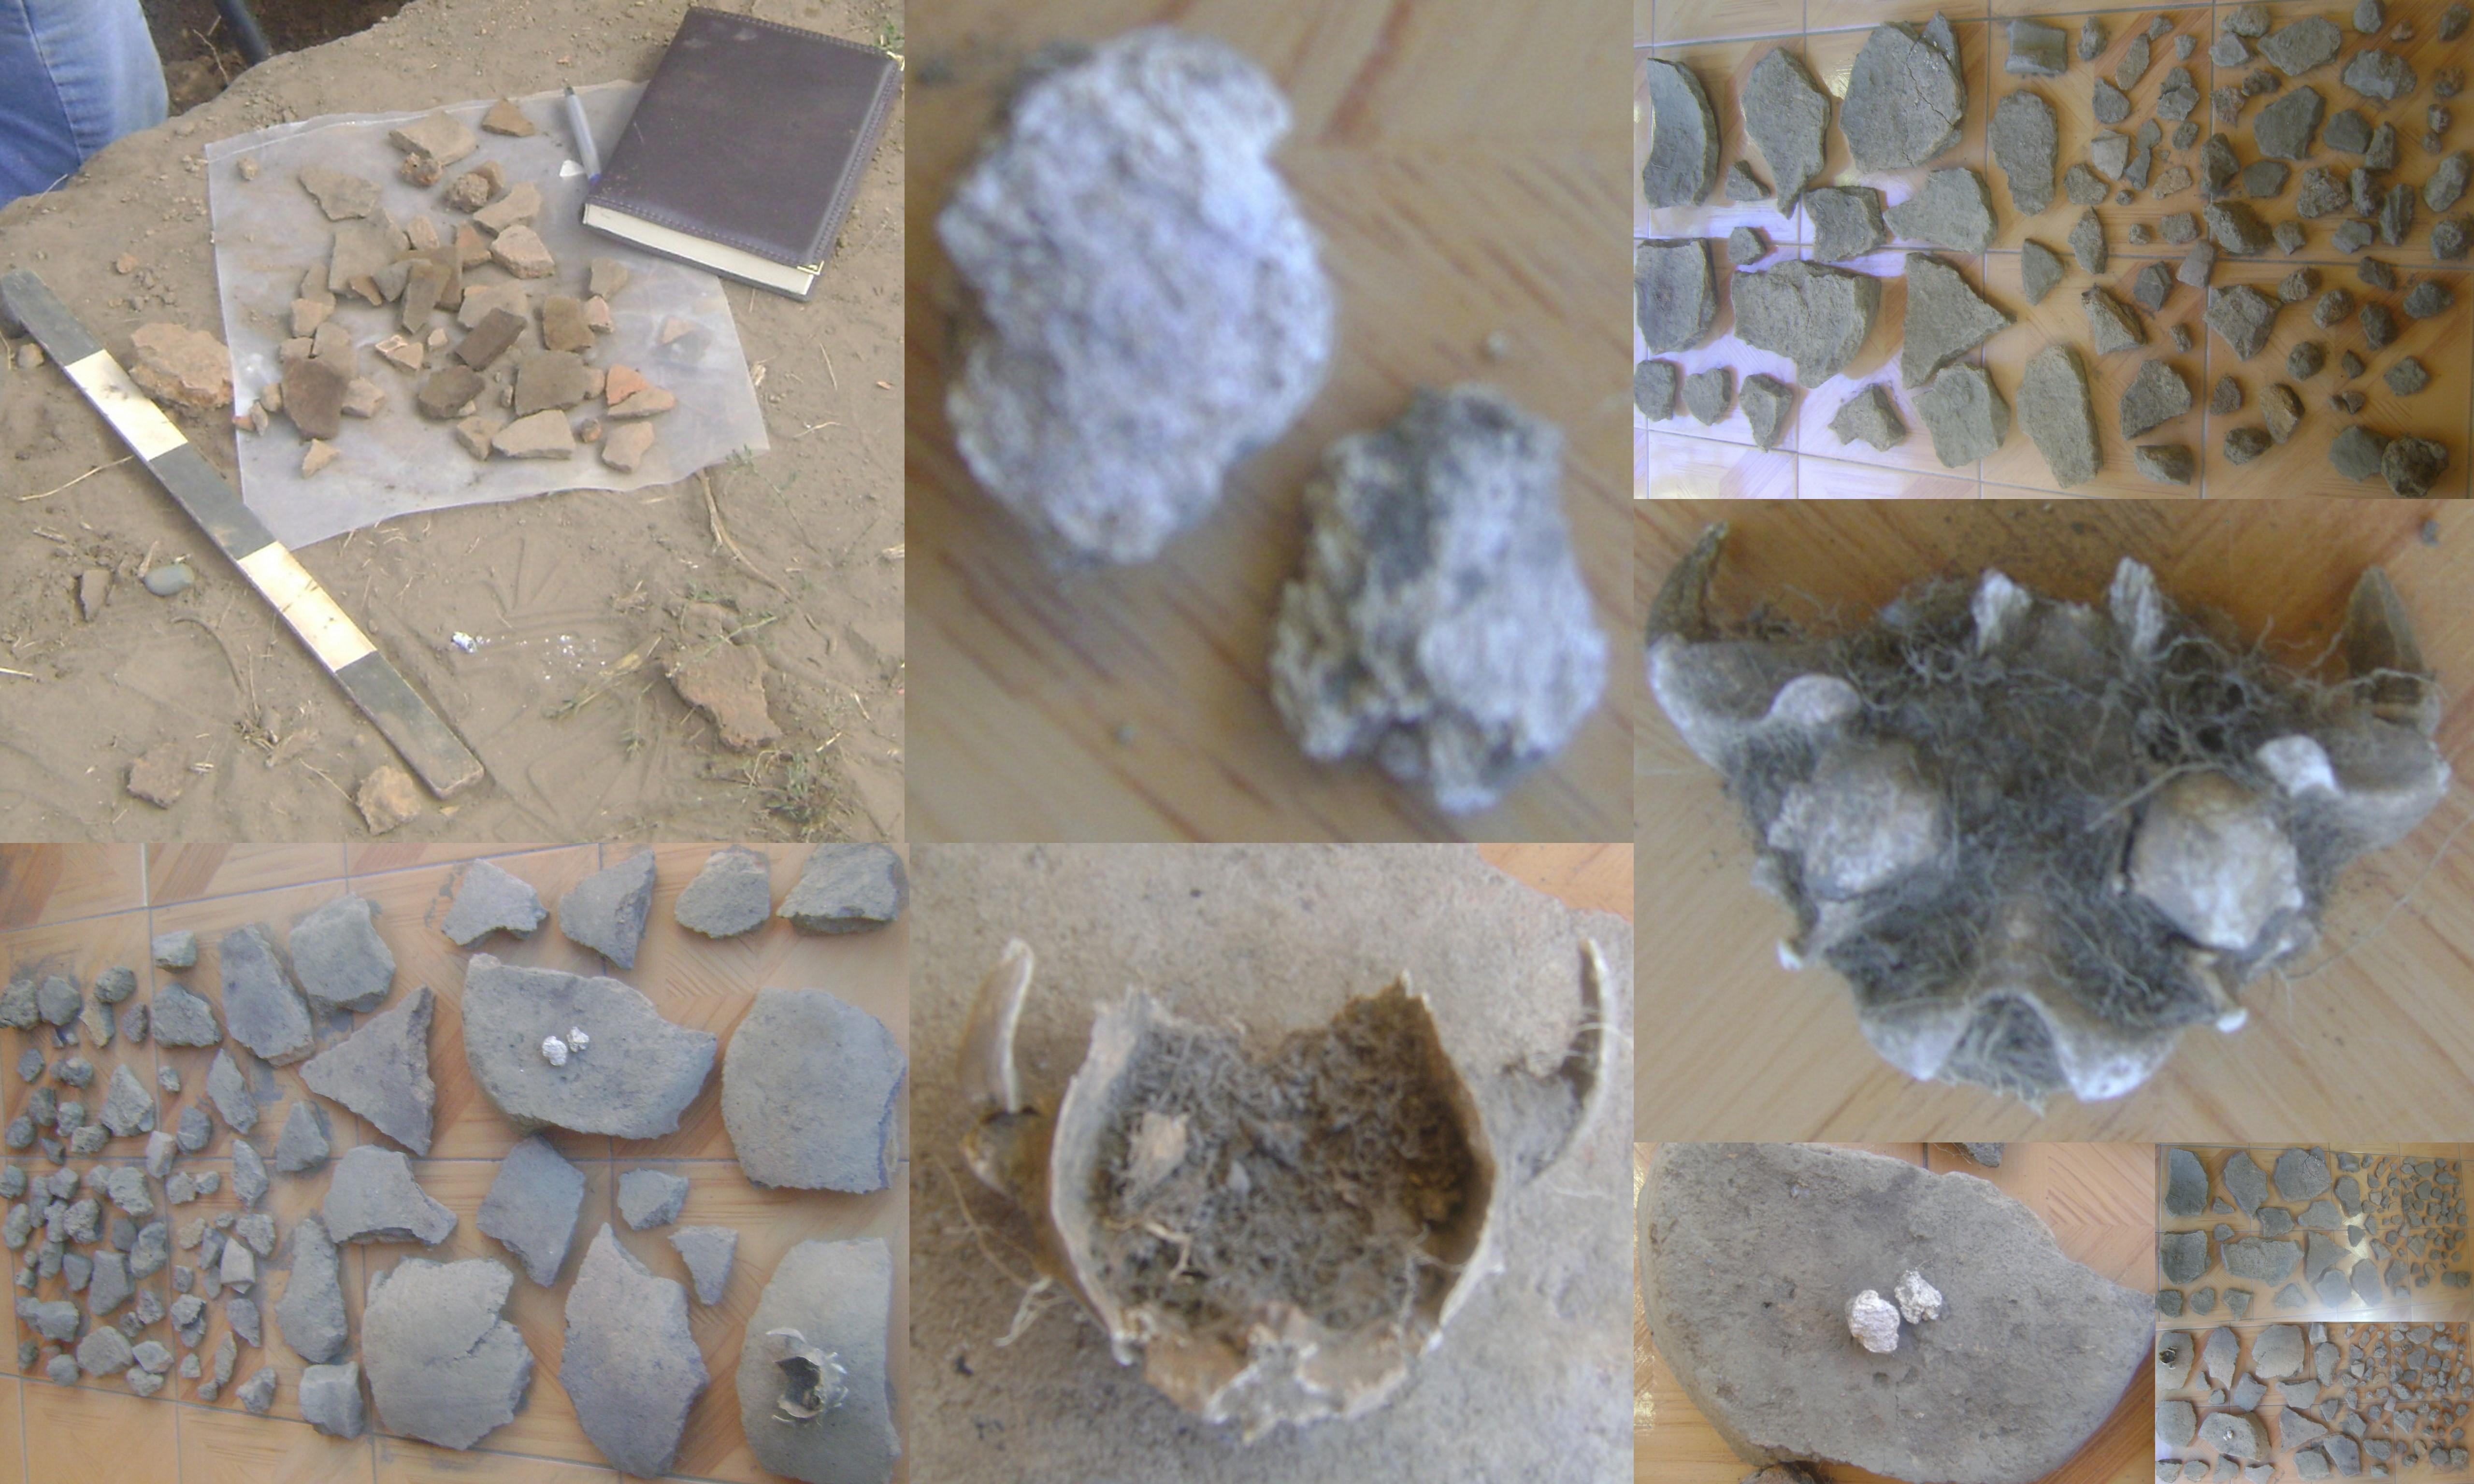 File:Restos de cantaros ceramica hueso y coprolito hallados el 20-2 ...